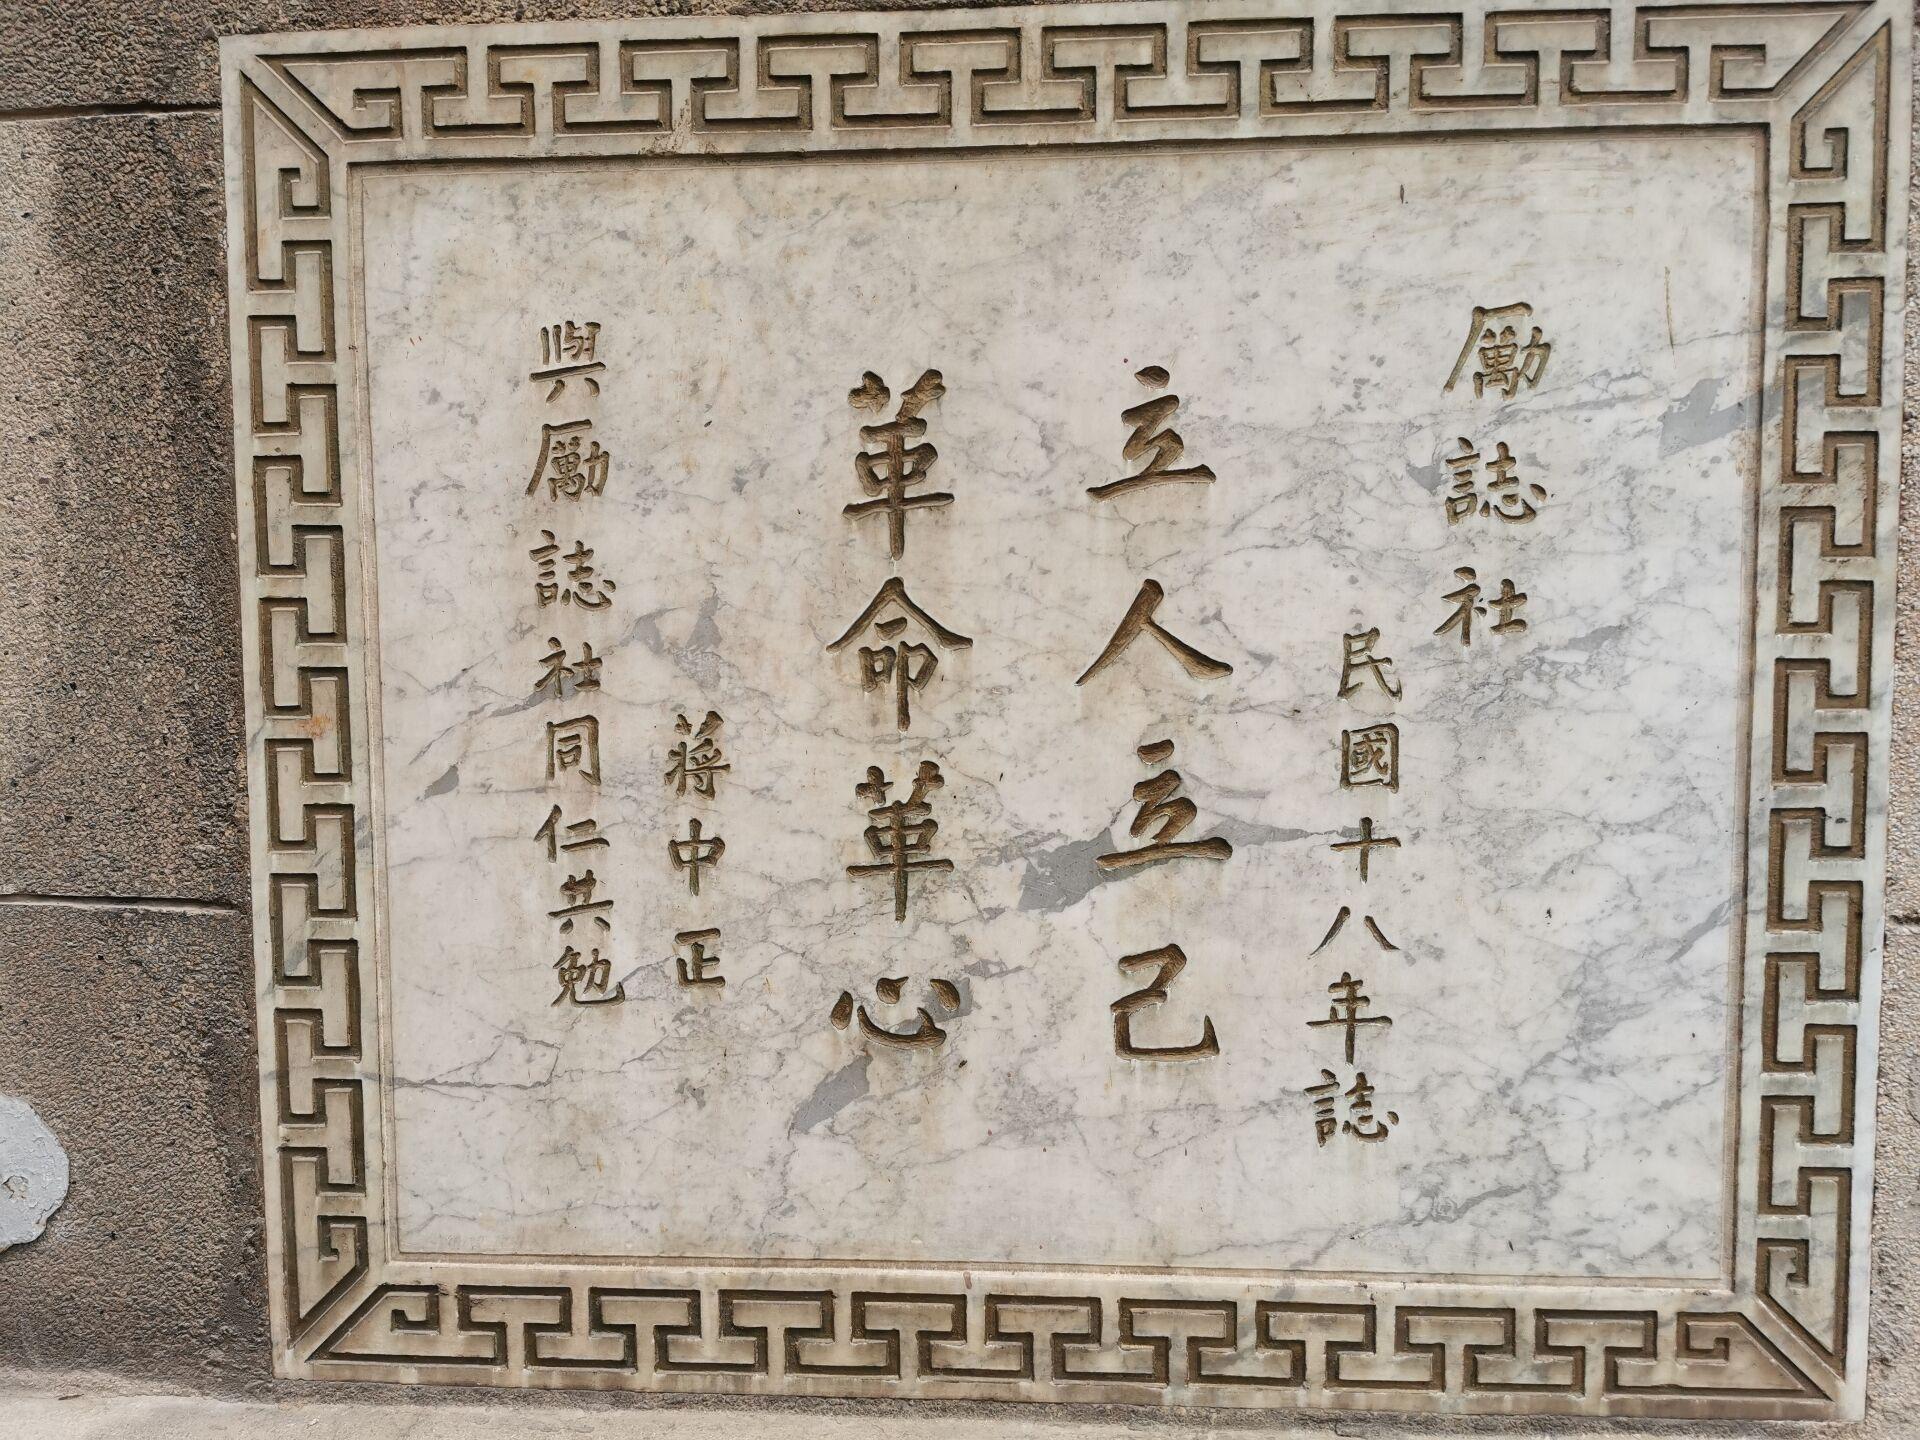 南京励志社旧址重游新拍12.jpg